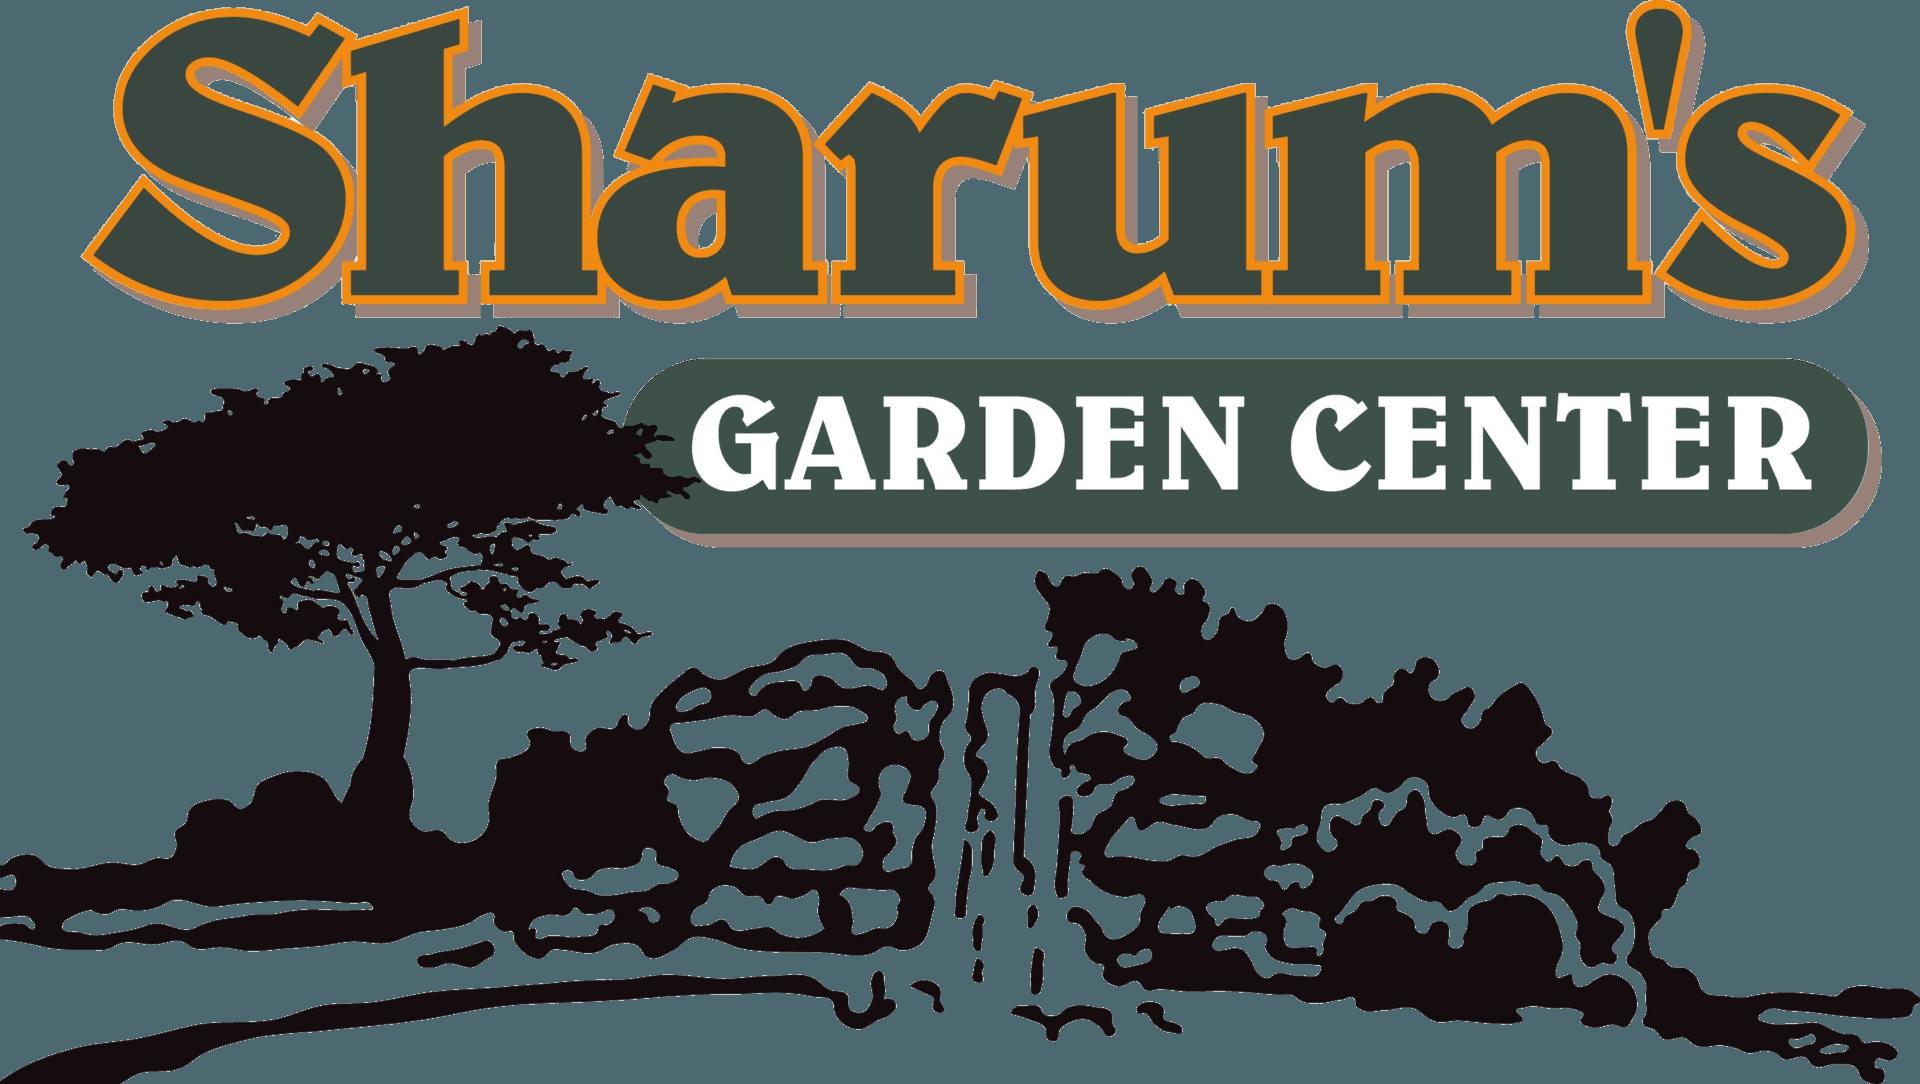 Garden clipart garden supply. Sharums landscape design center